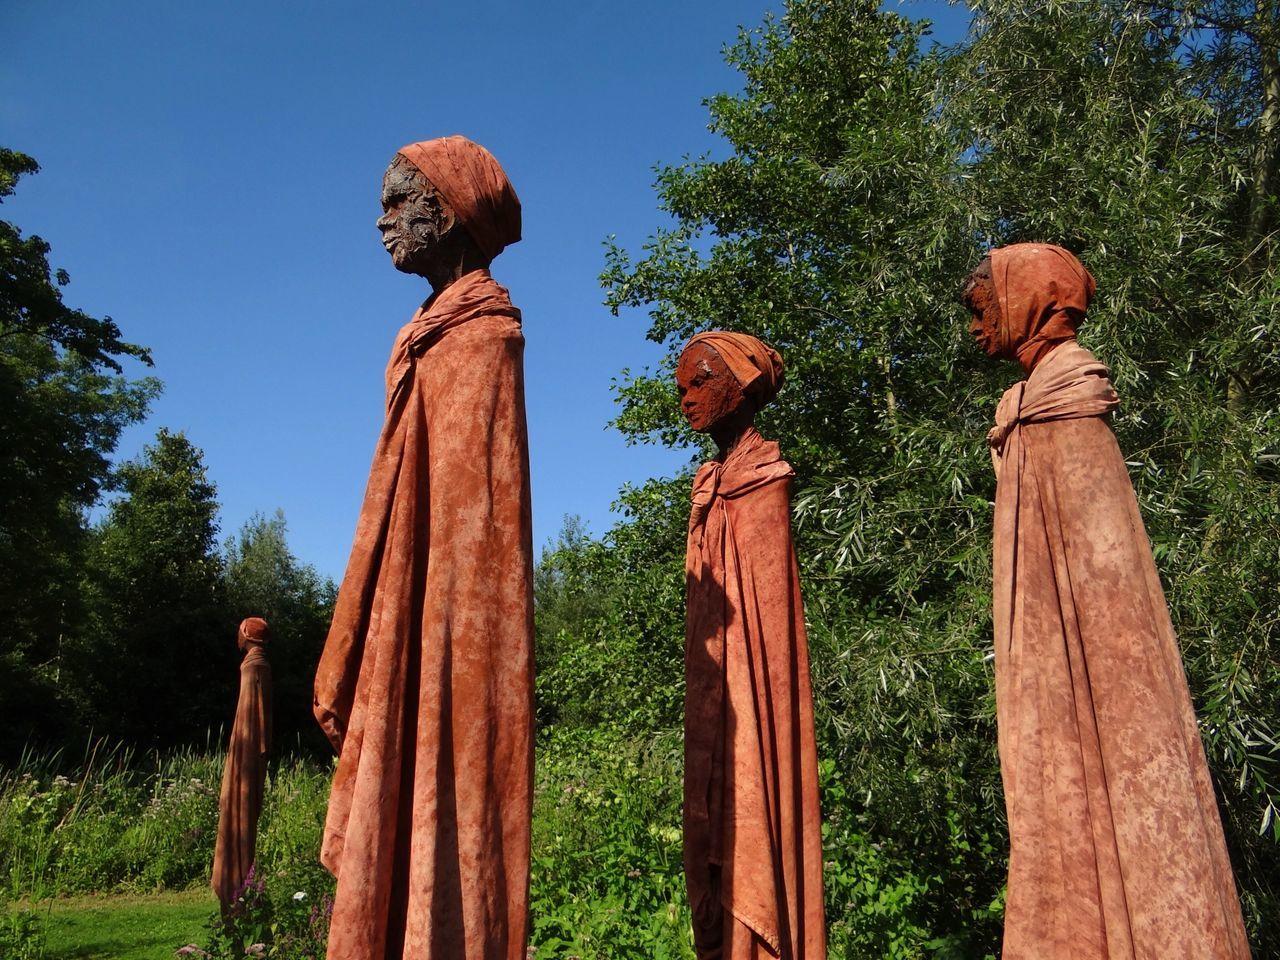 LandArt Sculpture Nature Park